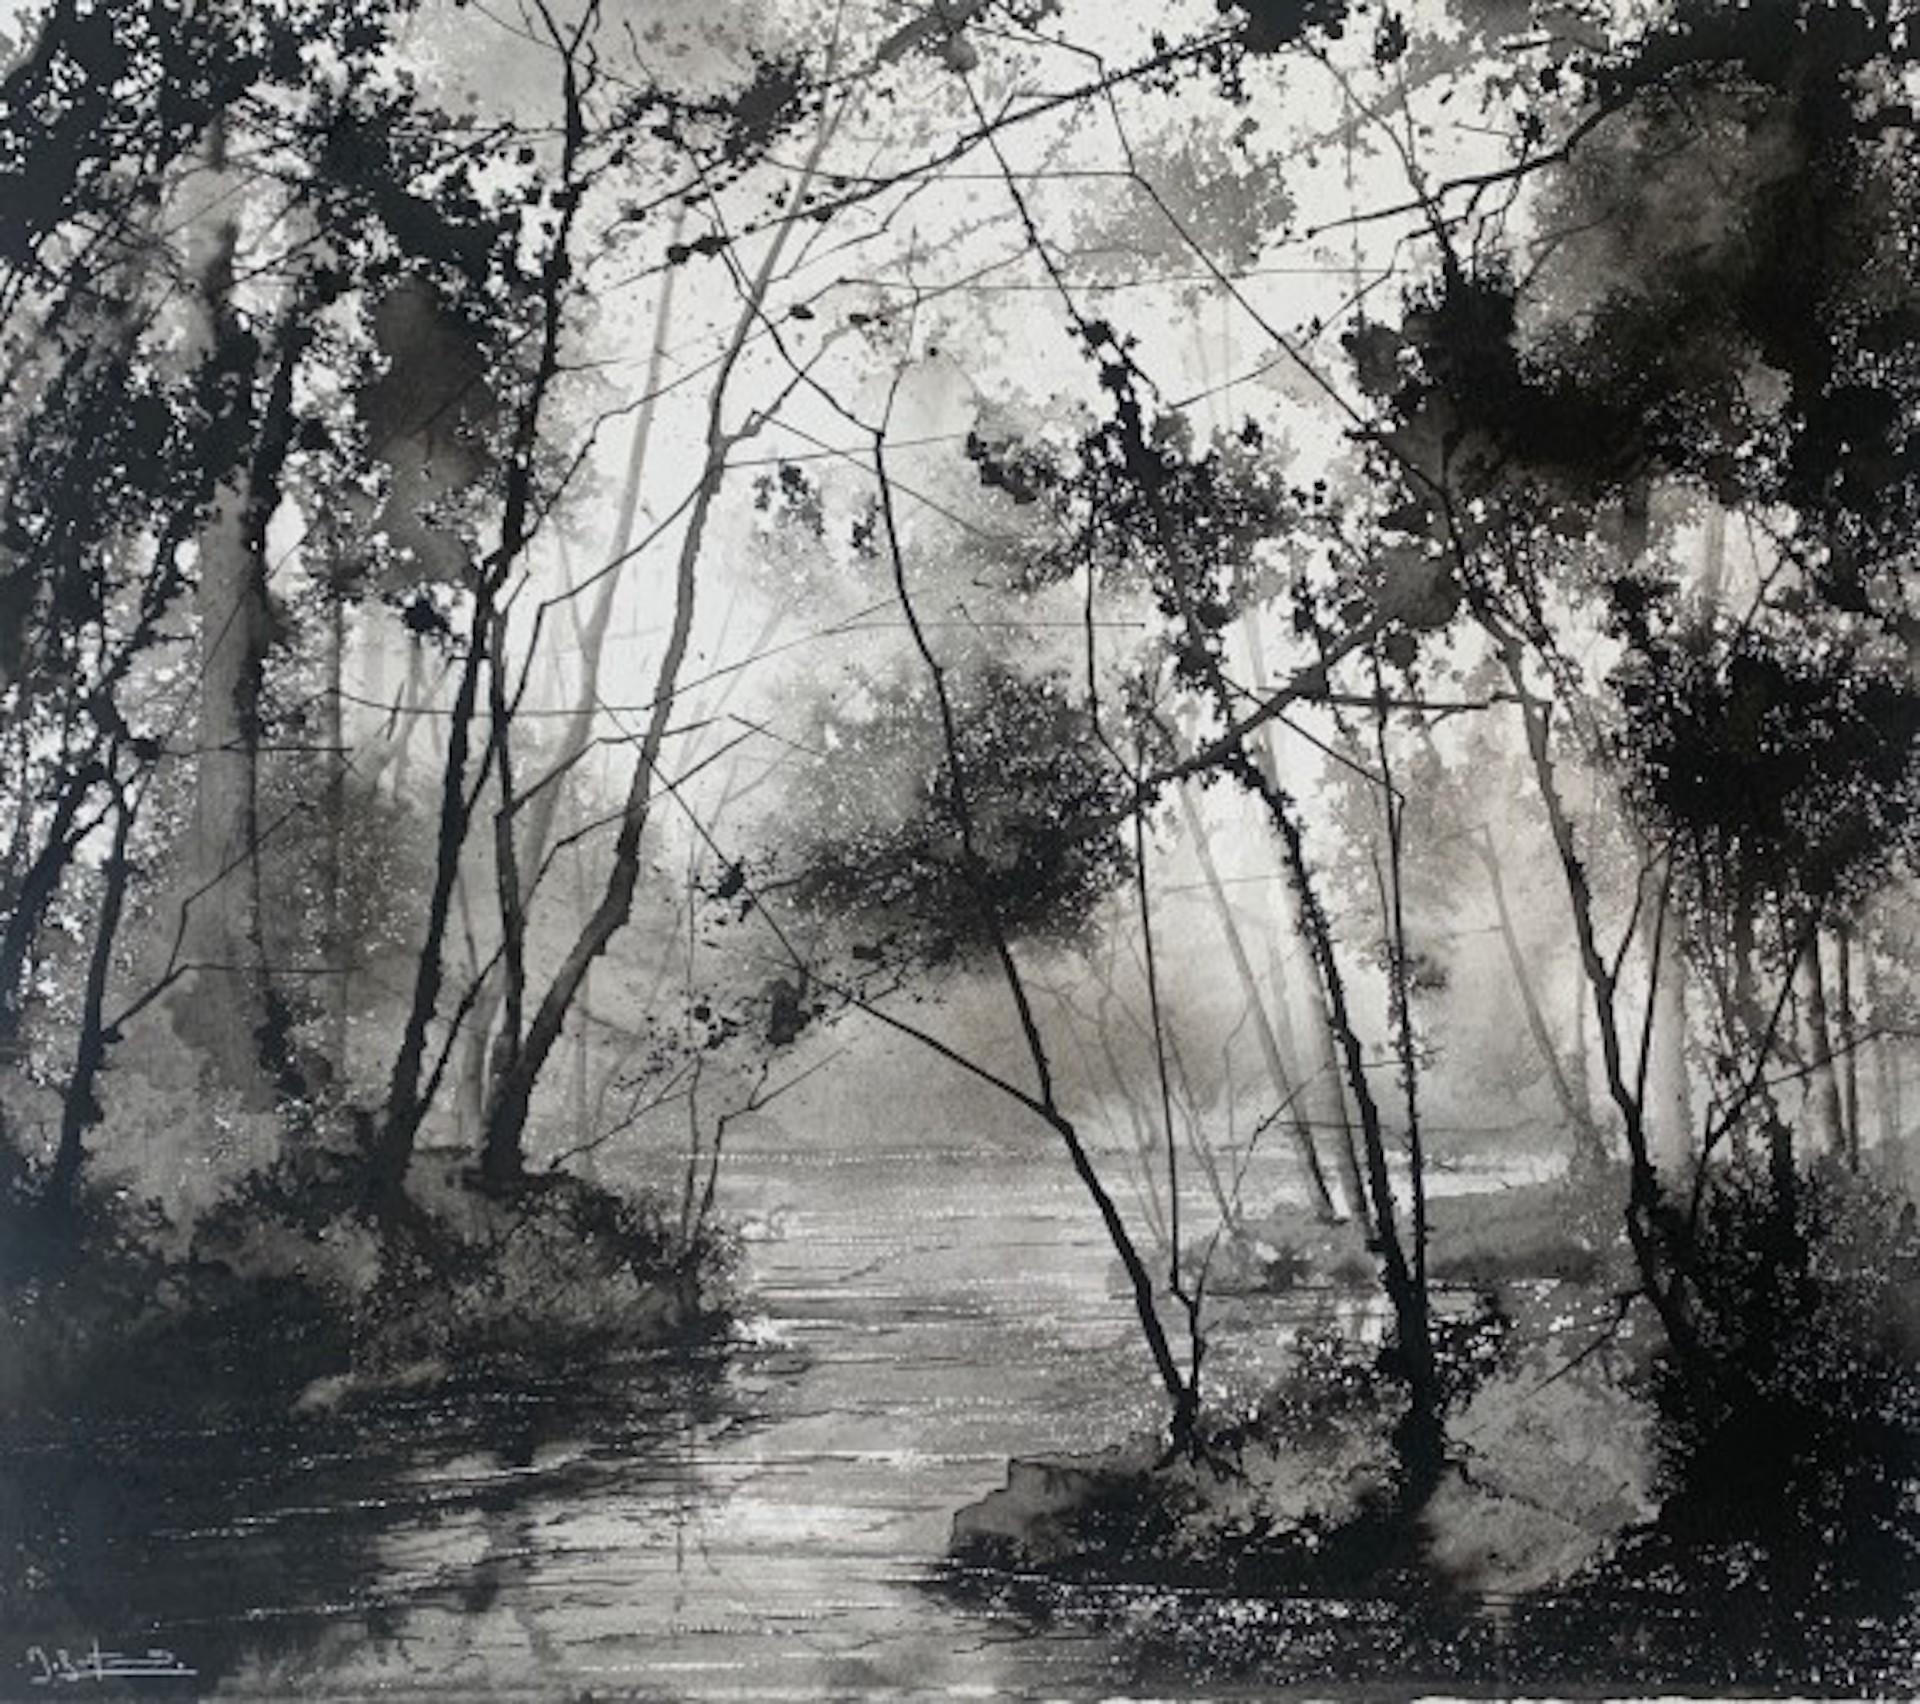 James Bonstow, River Dart Meander II, Original Landscape Art, Affordable Art